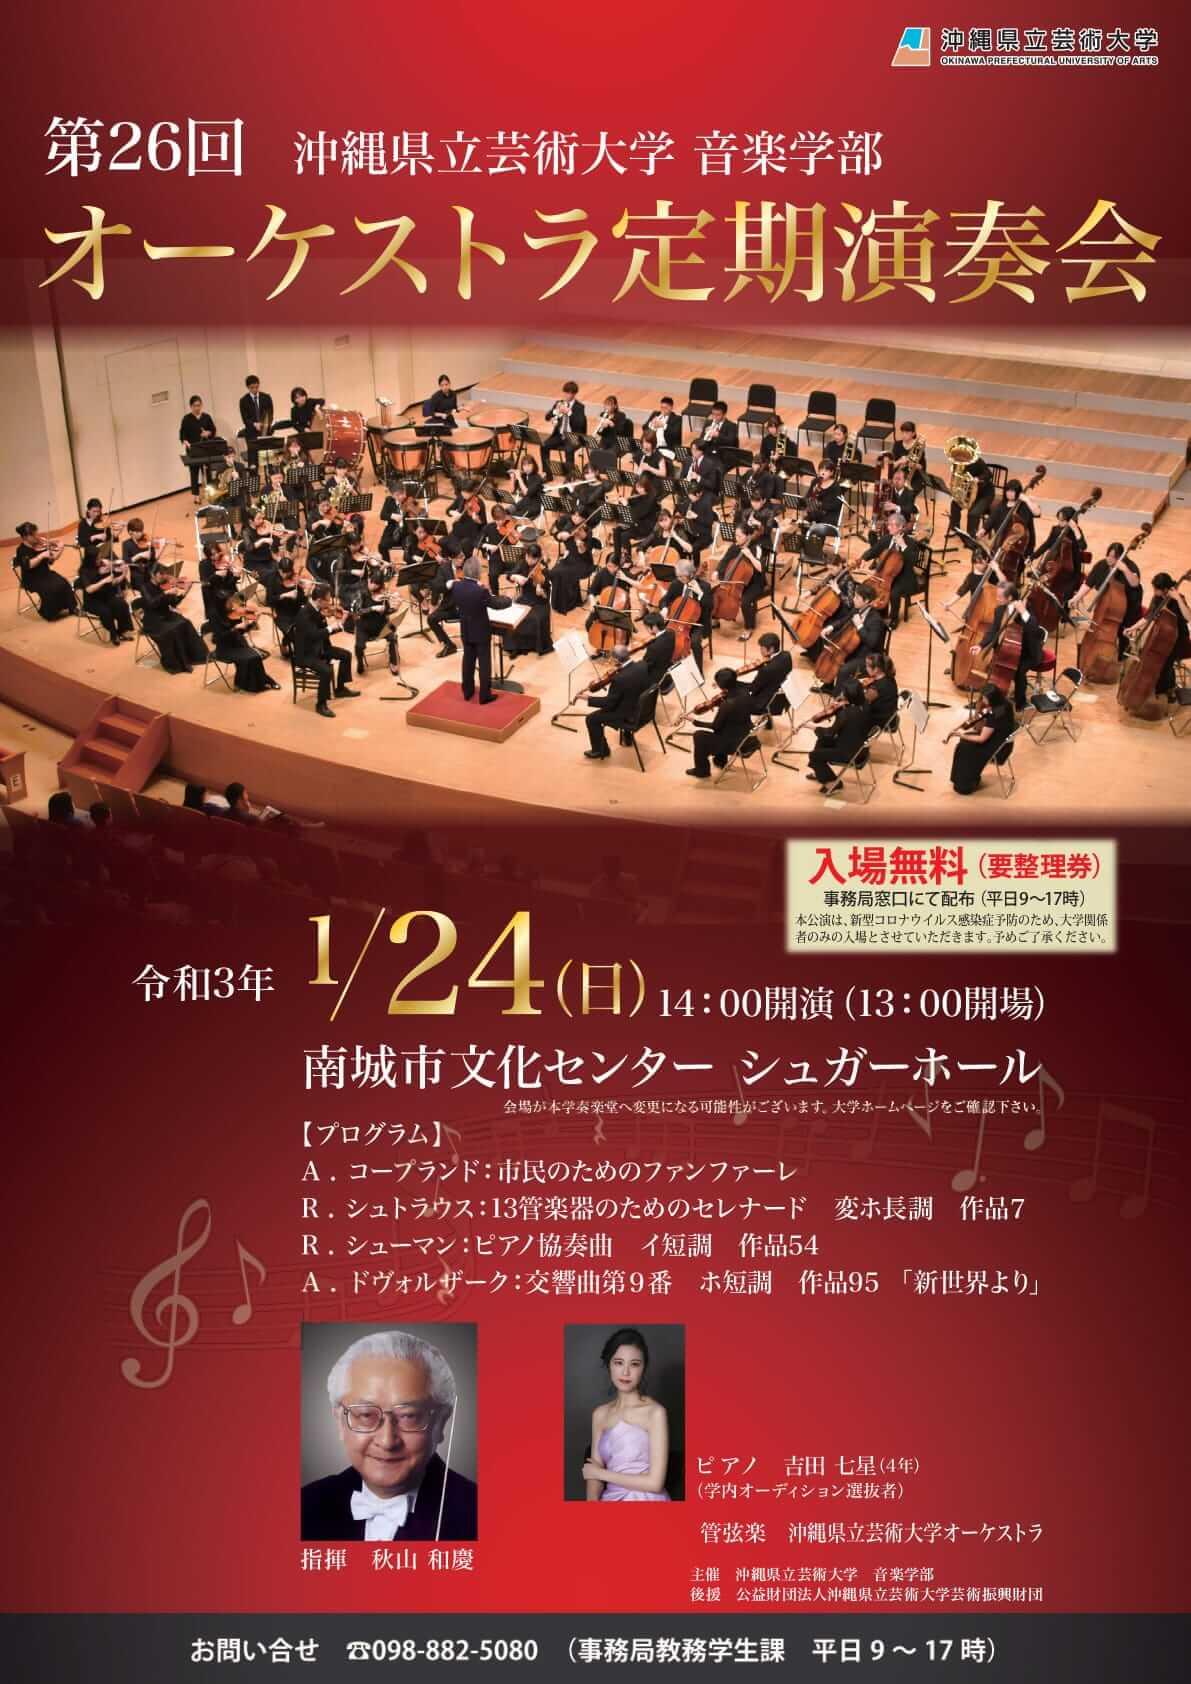 [フライヤー]第26回オーケストラ定期演奏会フライヤー